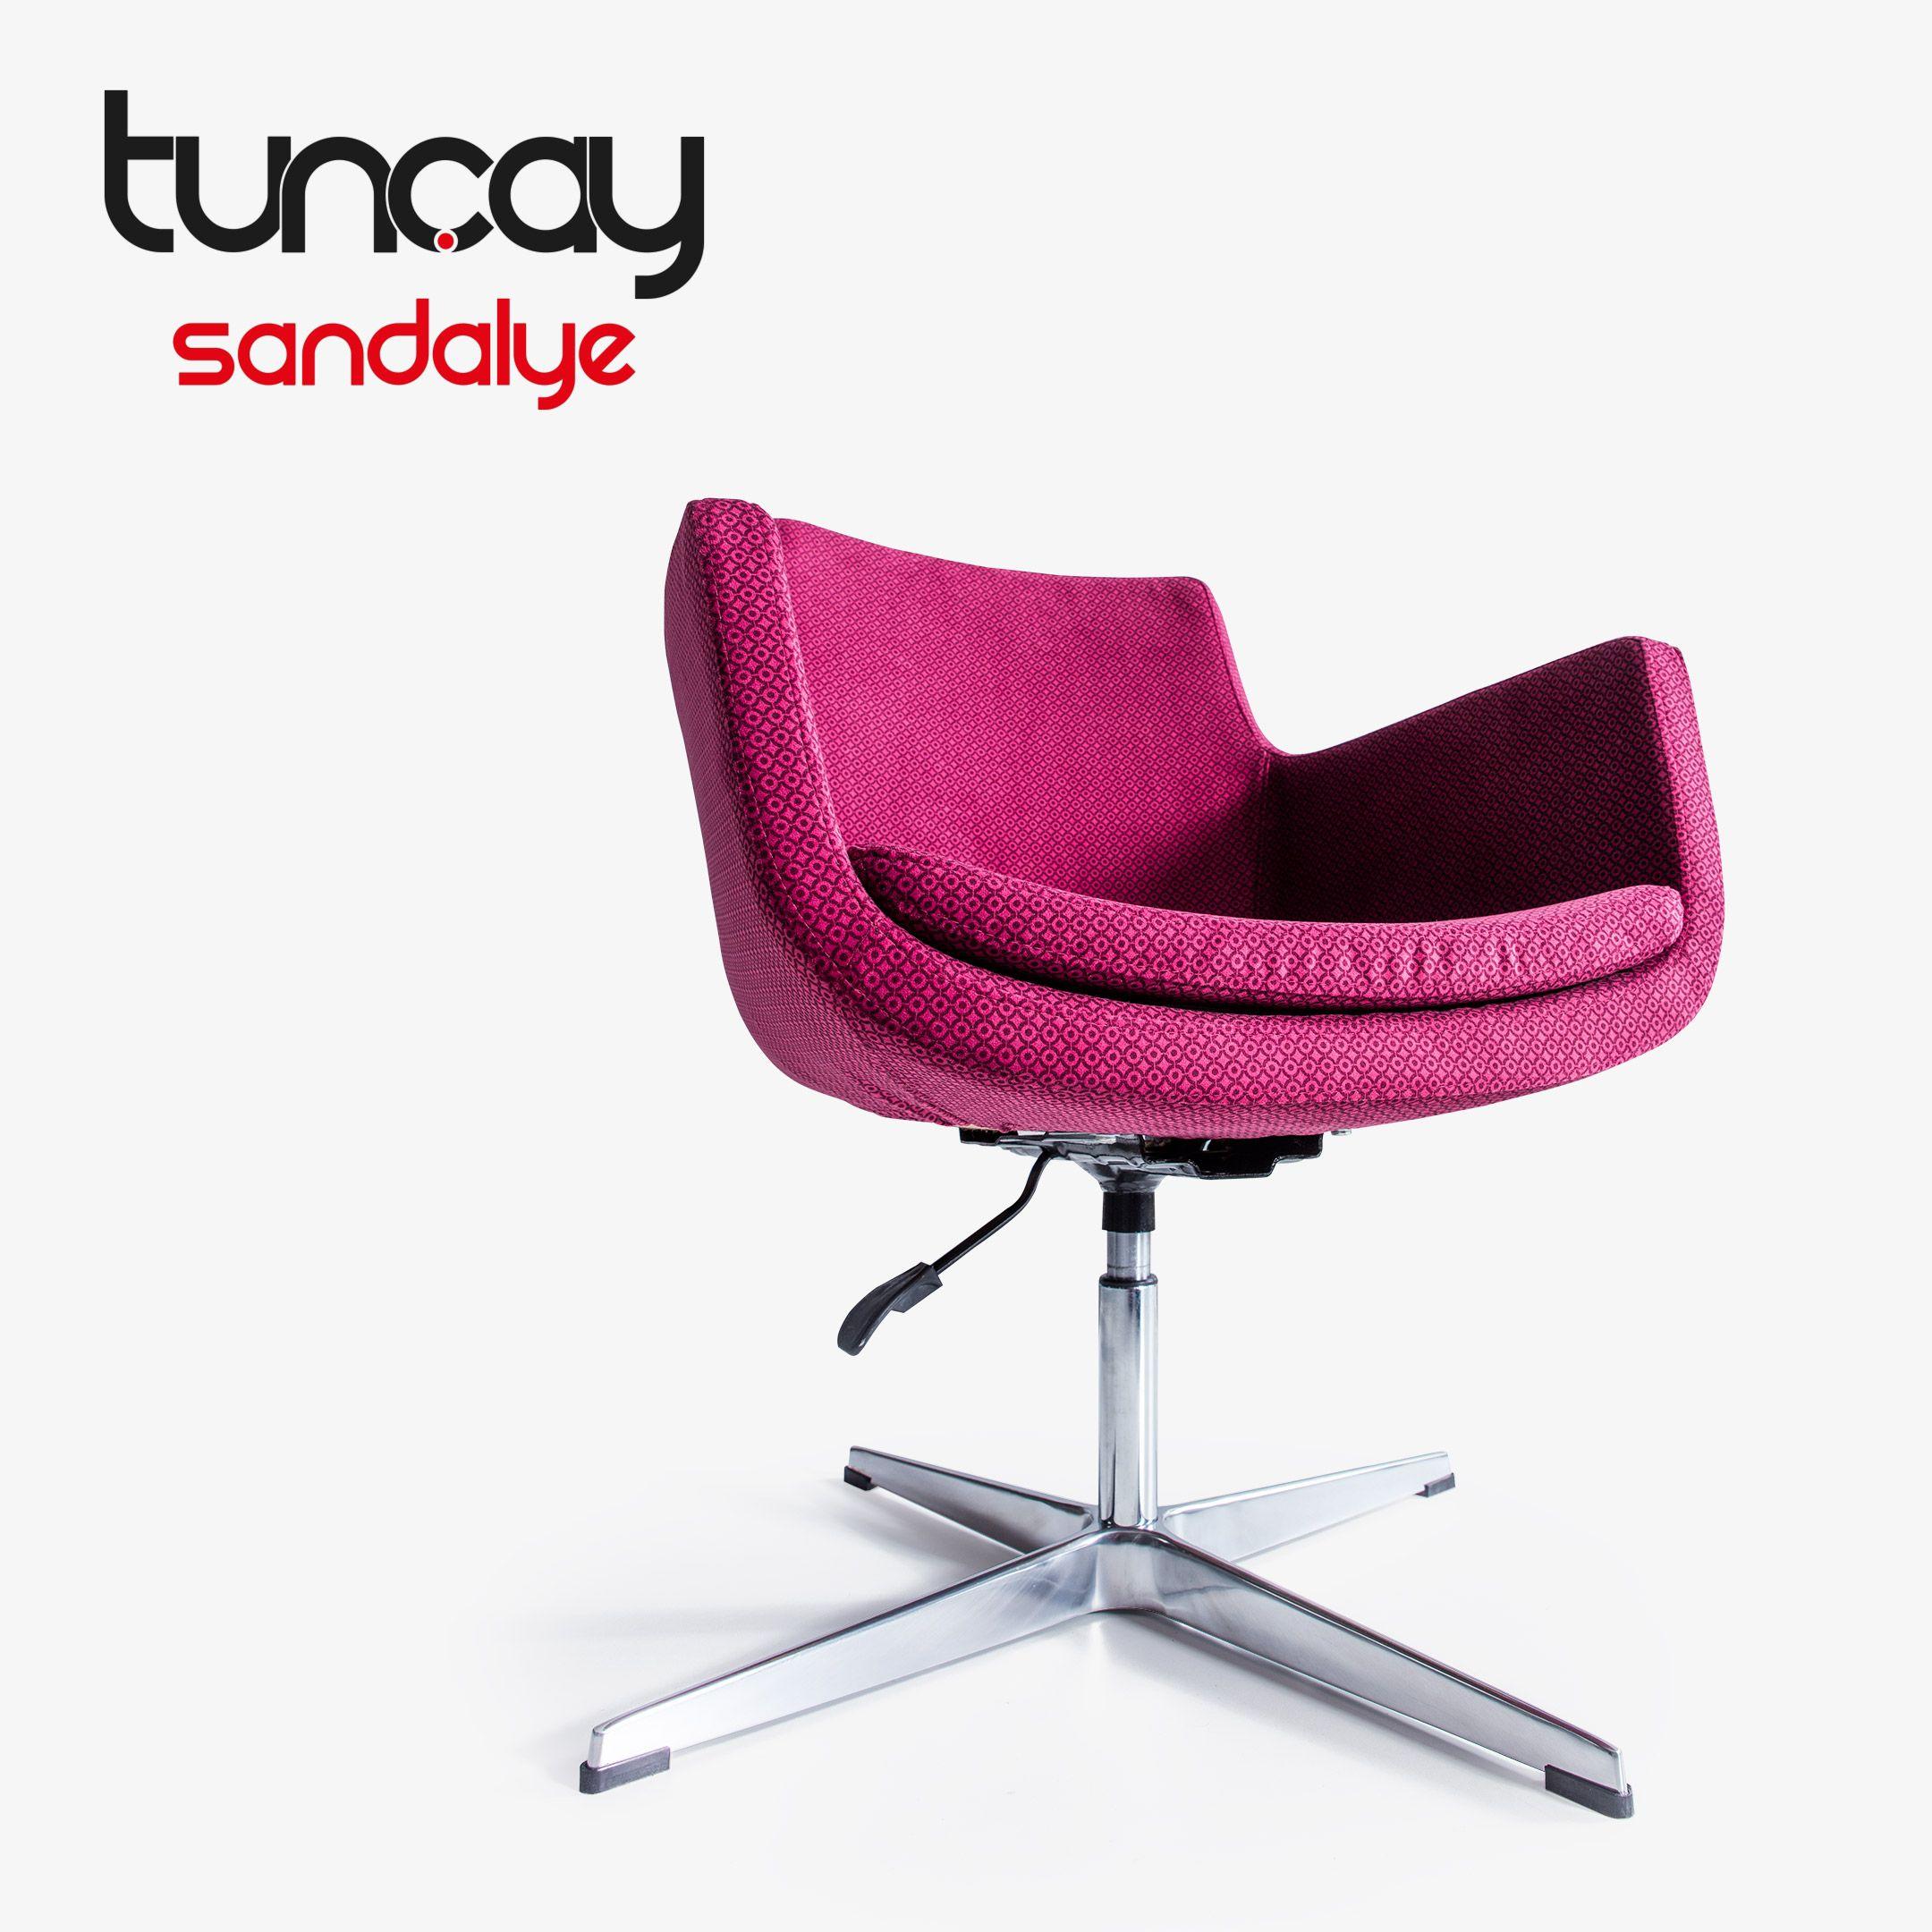 Porta Furniture Mobilya Chair Sandalye Chairdesign Sandalyetasarim Koltuk Sofadesign Cafe Cafedesign Cafechairs Cafedek Mobilya Furniture Tasarim